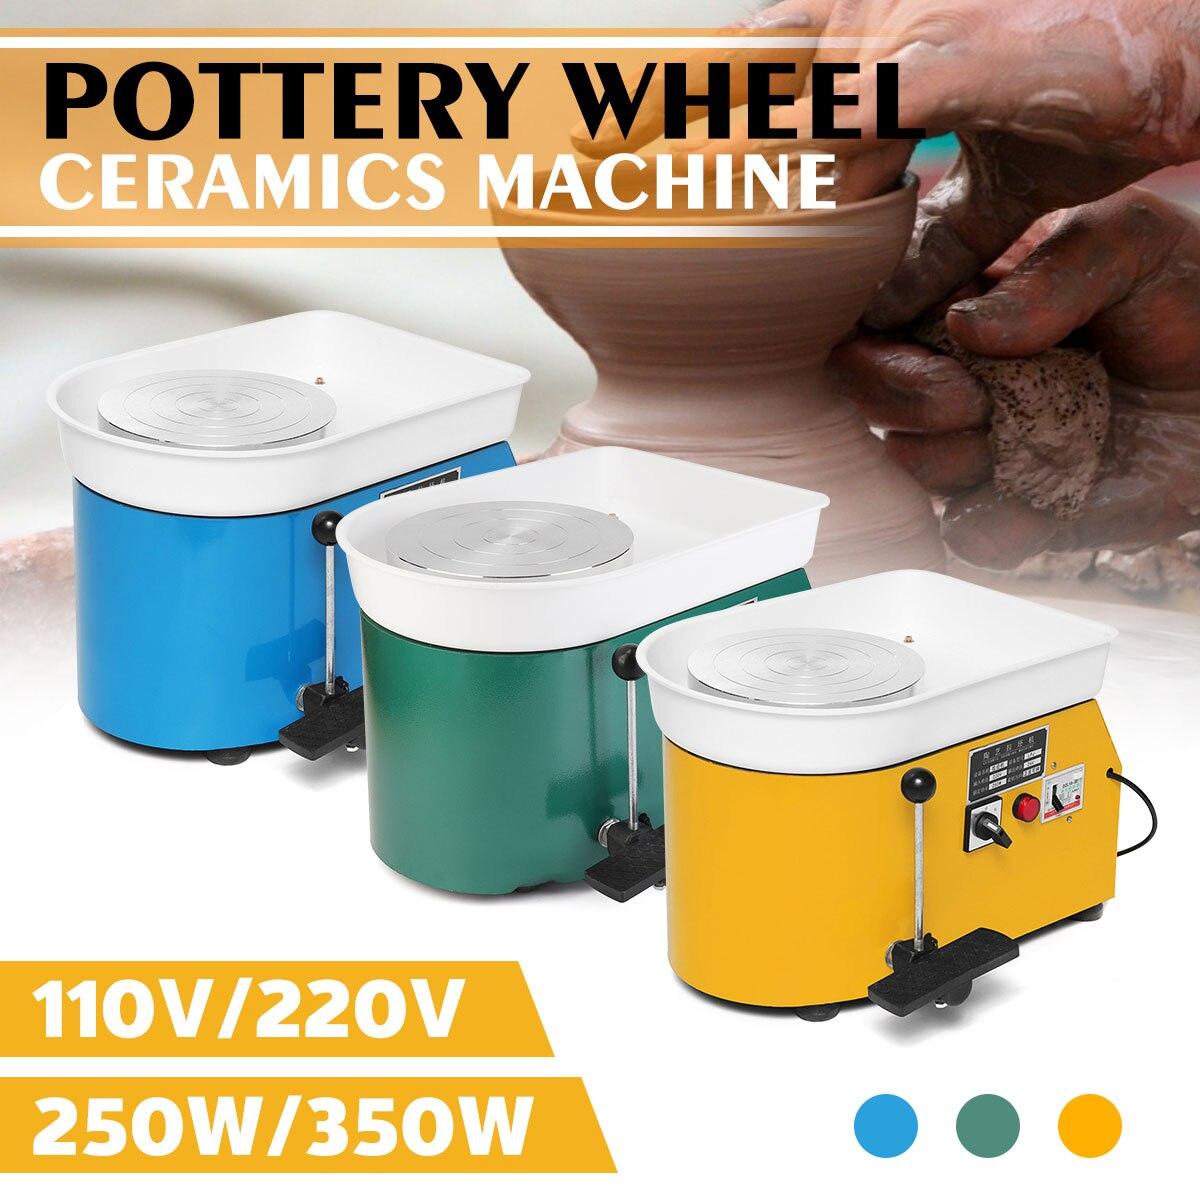 3 cores 110 V/220 V Cerâmica Dá Forma À Máquina 250 W/350 W Elétrica Roda de Cerâmica de Argila DIY ferramenta Com a Bandeja Para O Trabalho Em Cerâmica Cerâmica